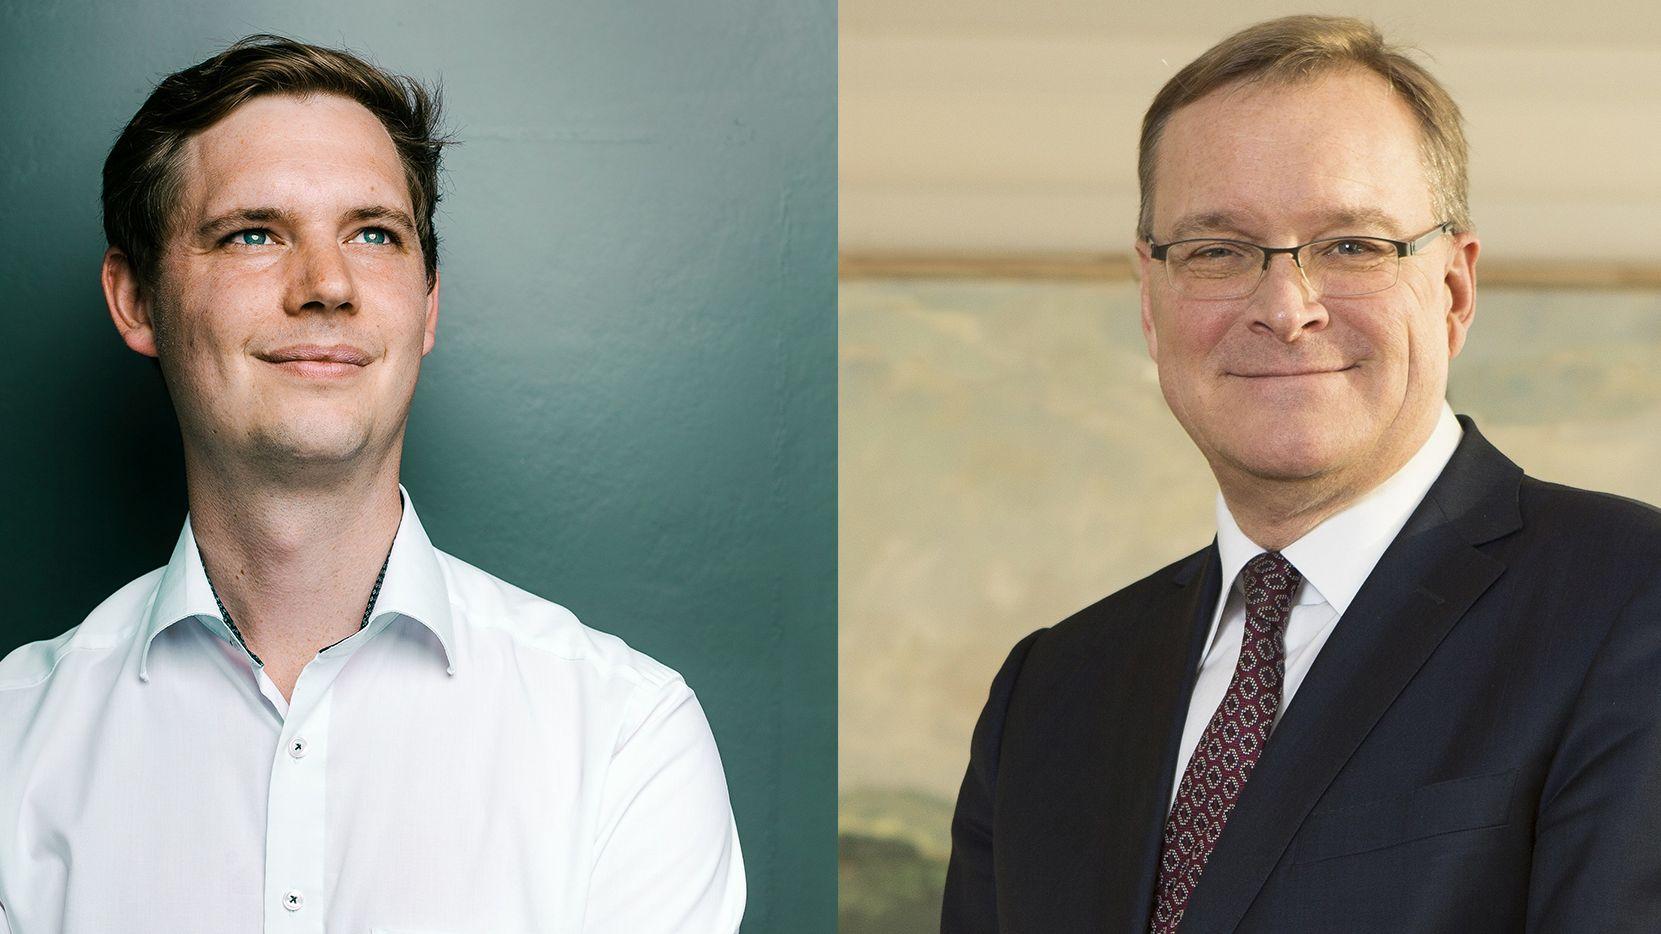 Der amtierende Bamberger Oberbürgermeister Andreas Schwarz muss in der Stichwahl gegen Jonas Glüsenkamp antreten